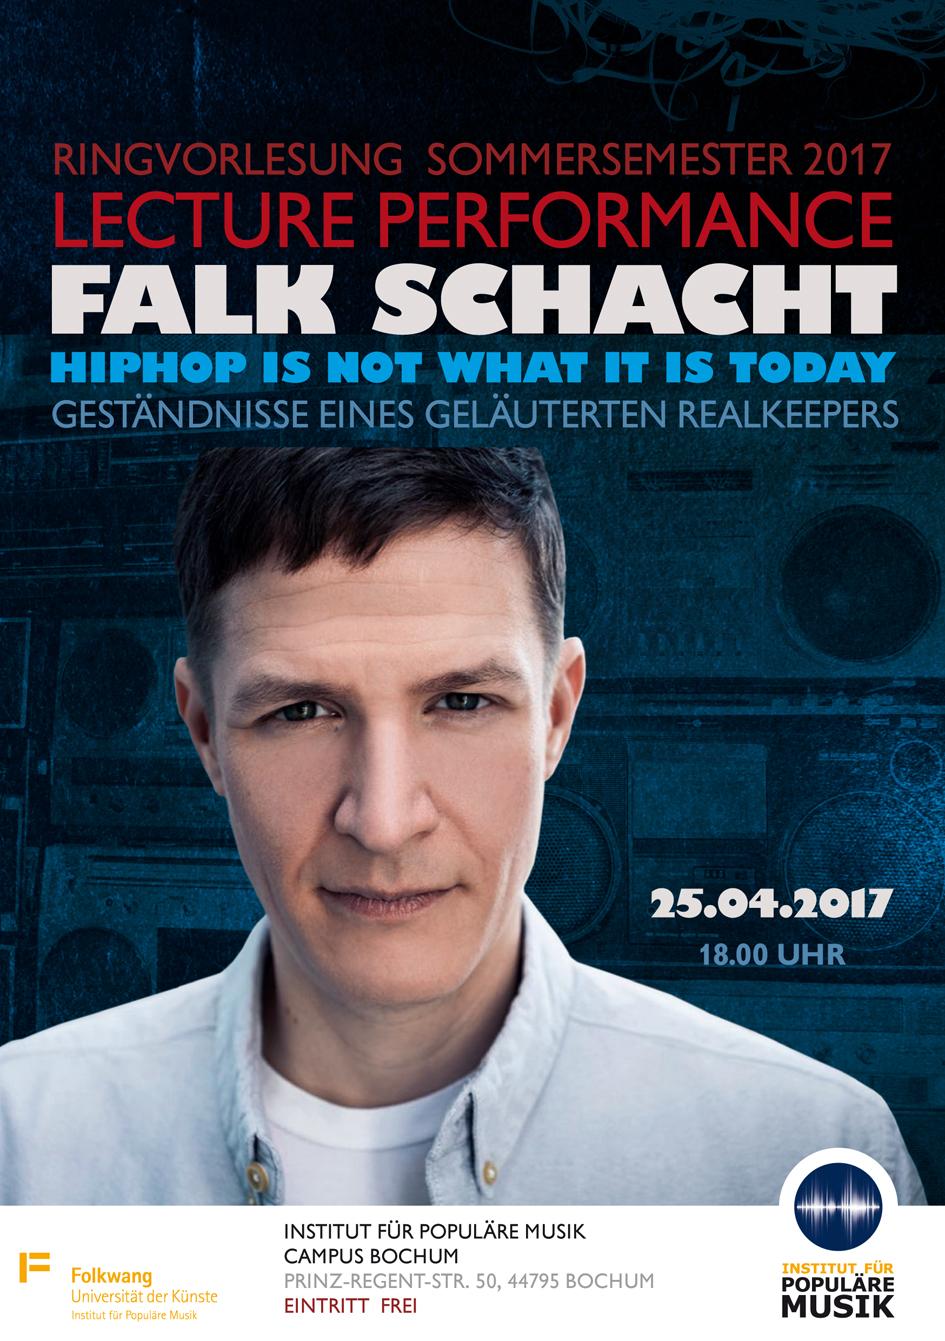 Falk Schacht